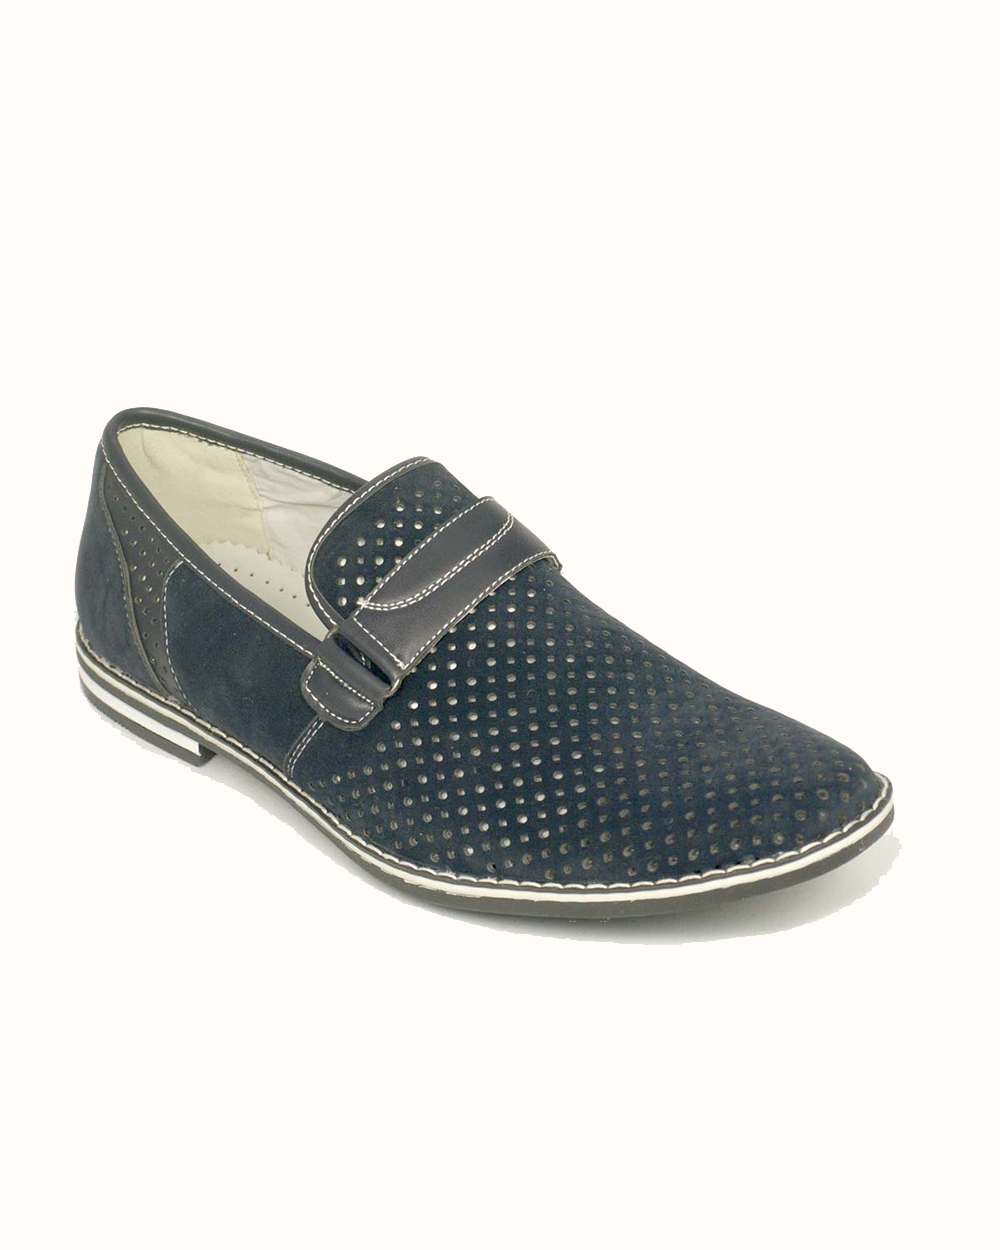 Мужские ботинки, купить недорогие модные мужские